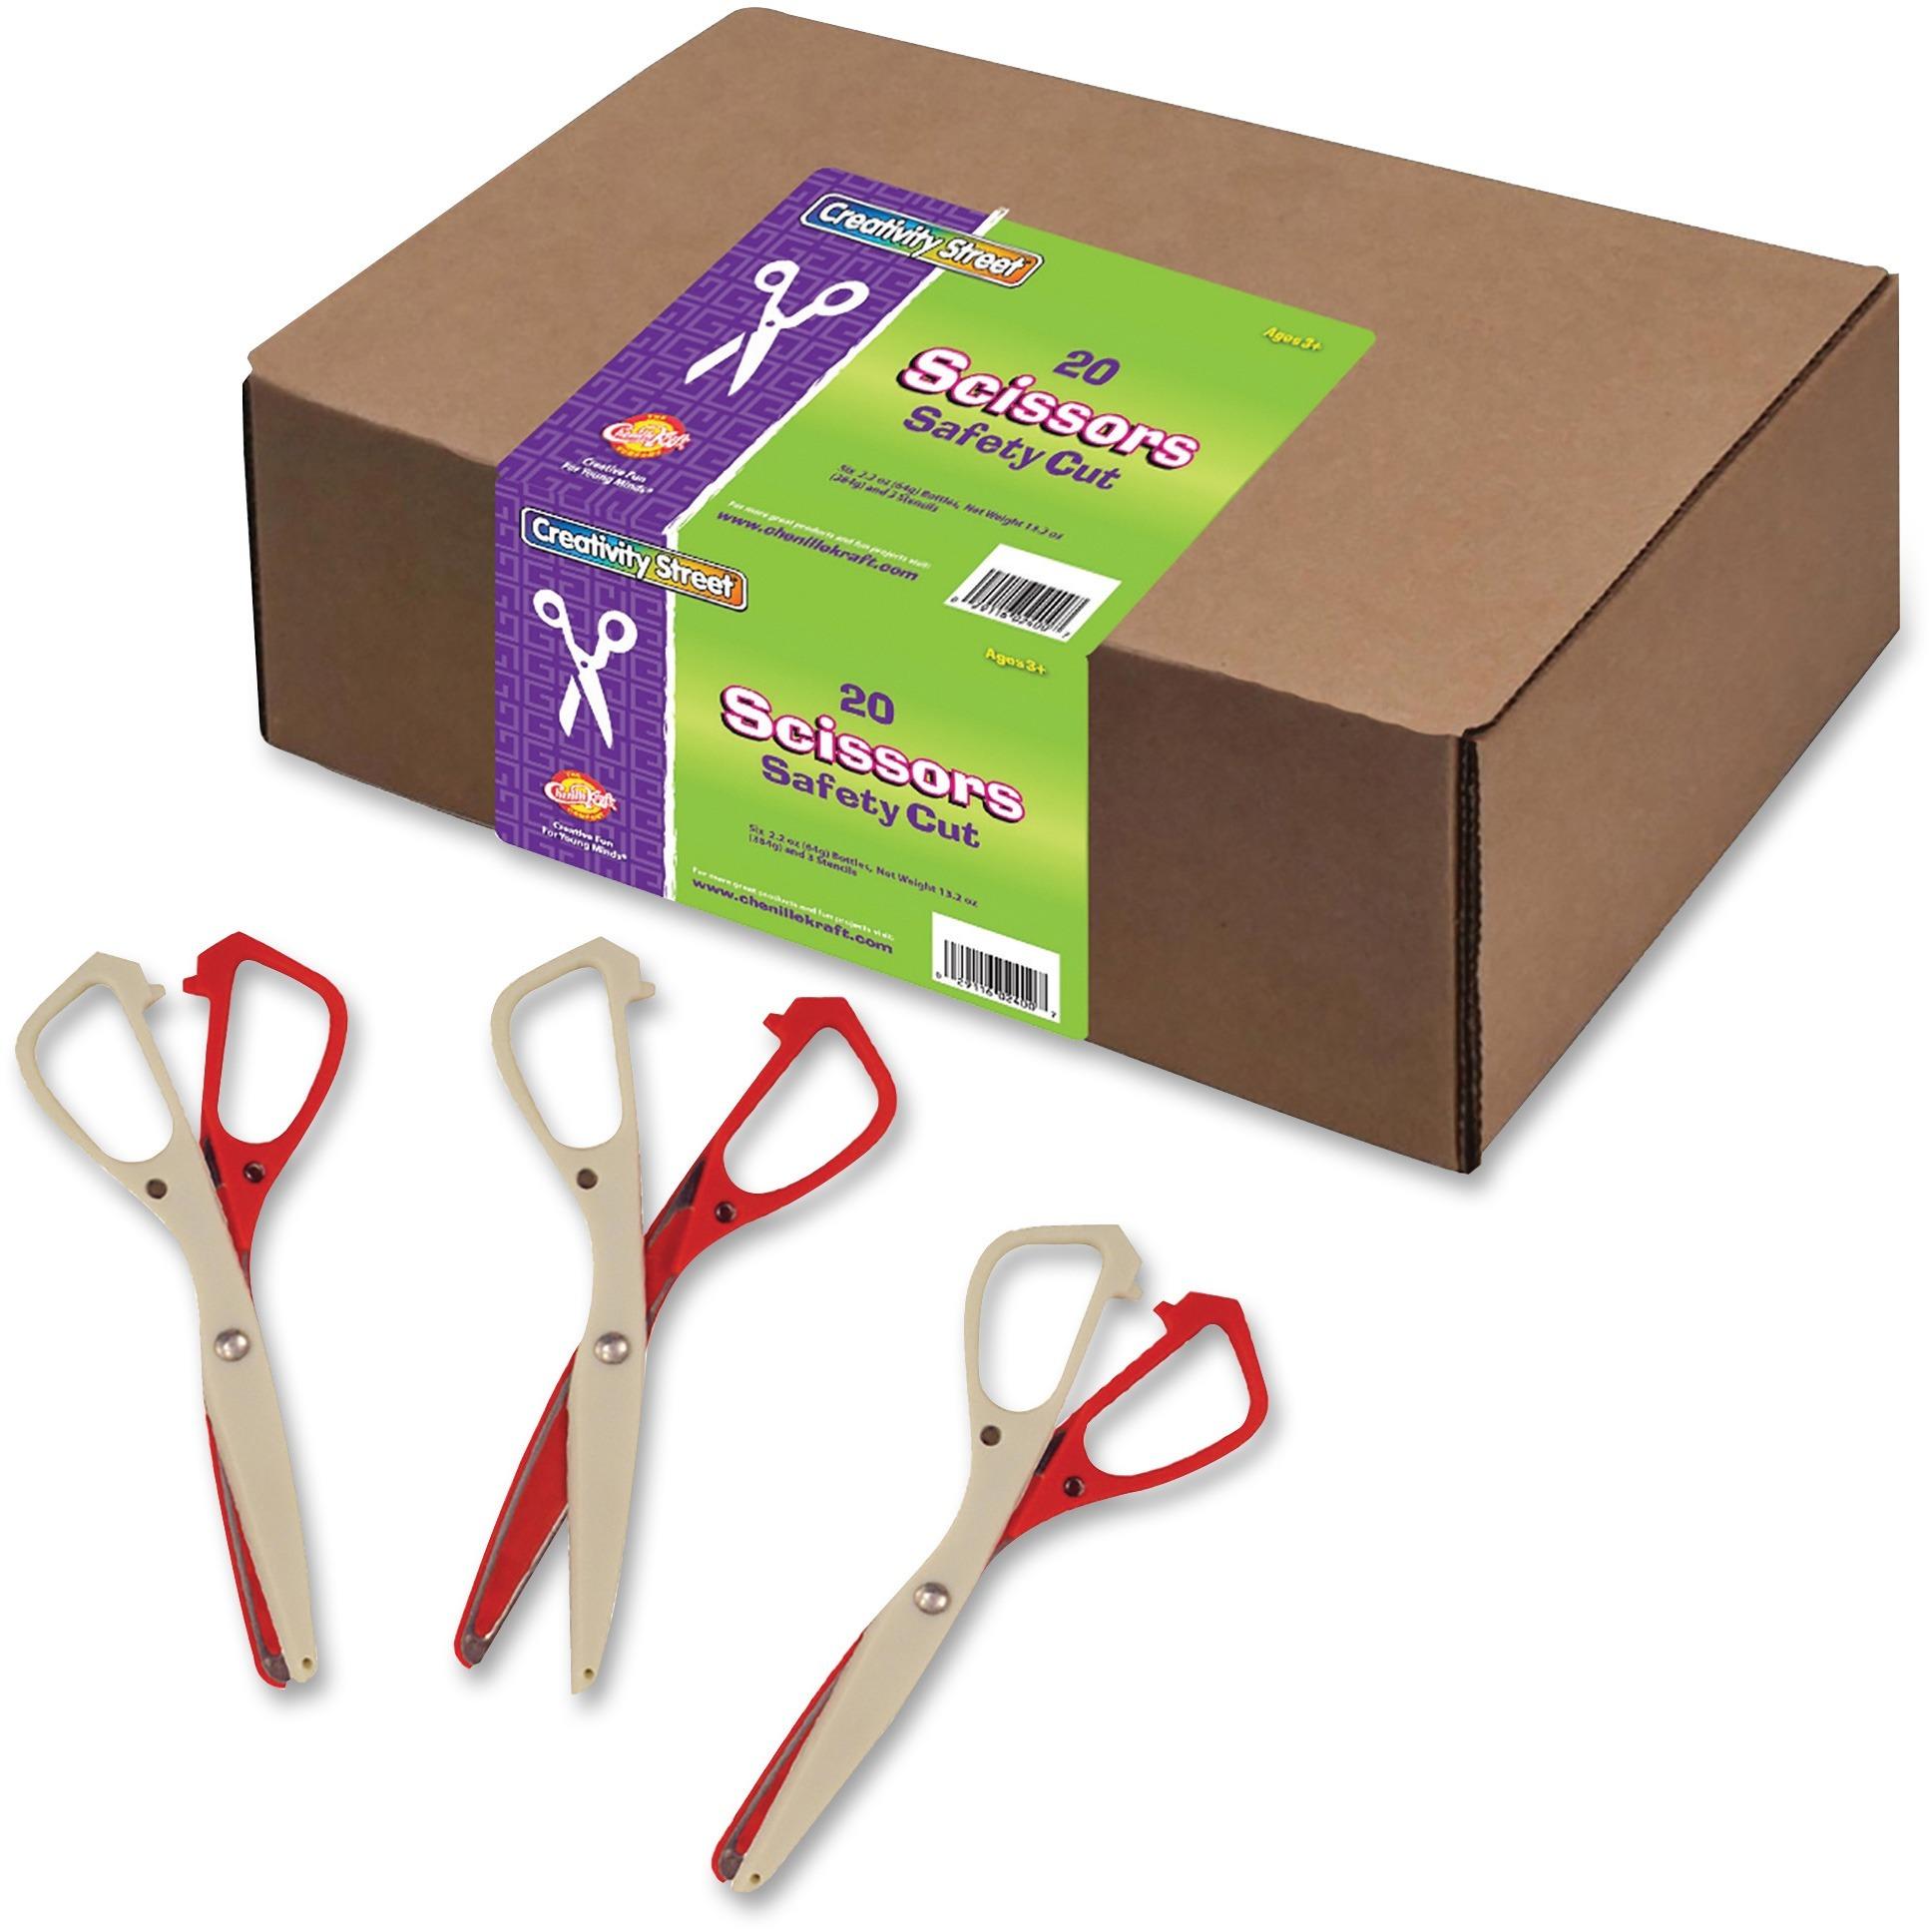 Creativity Street, CKC962001, Safety Cut Scissors Classpack, 20 / Set, Assorted